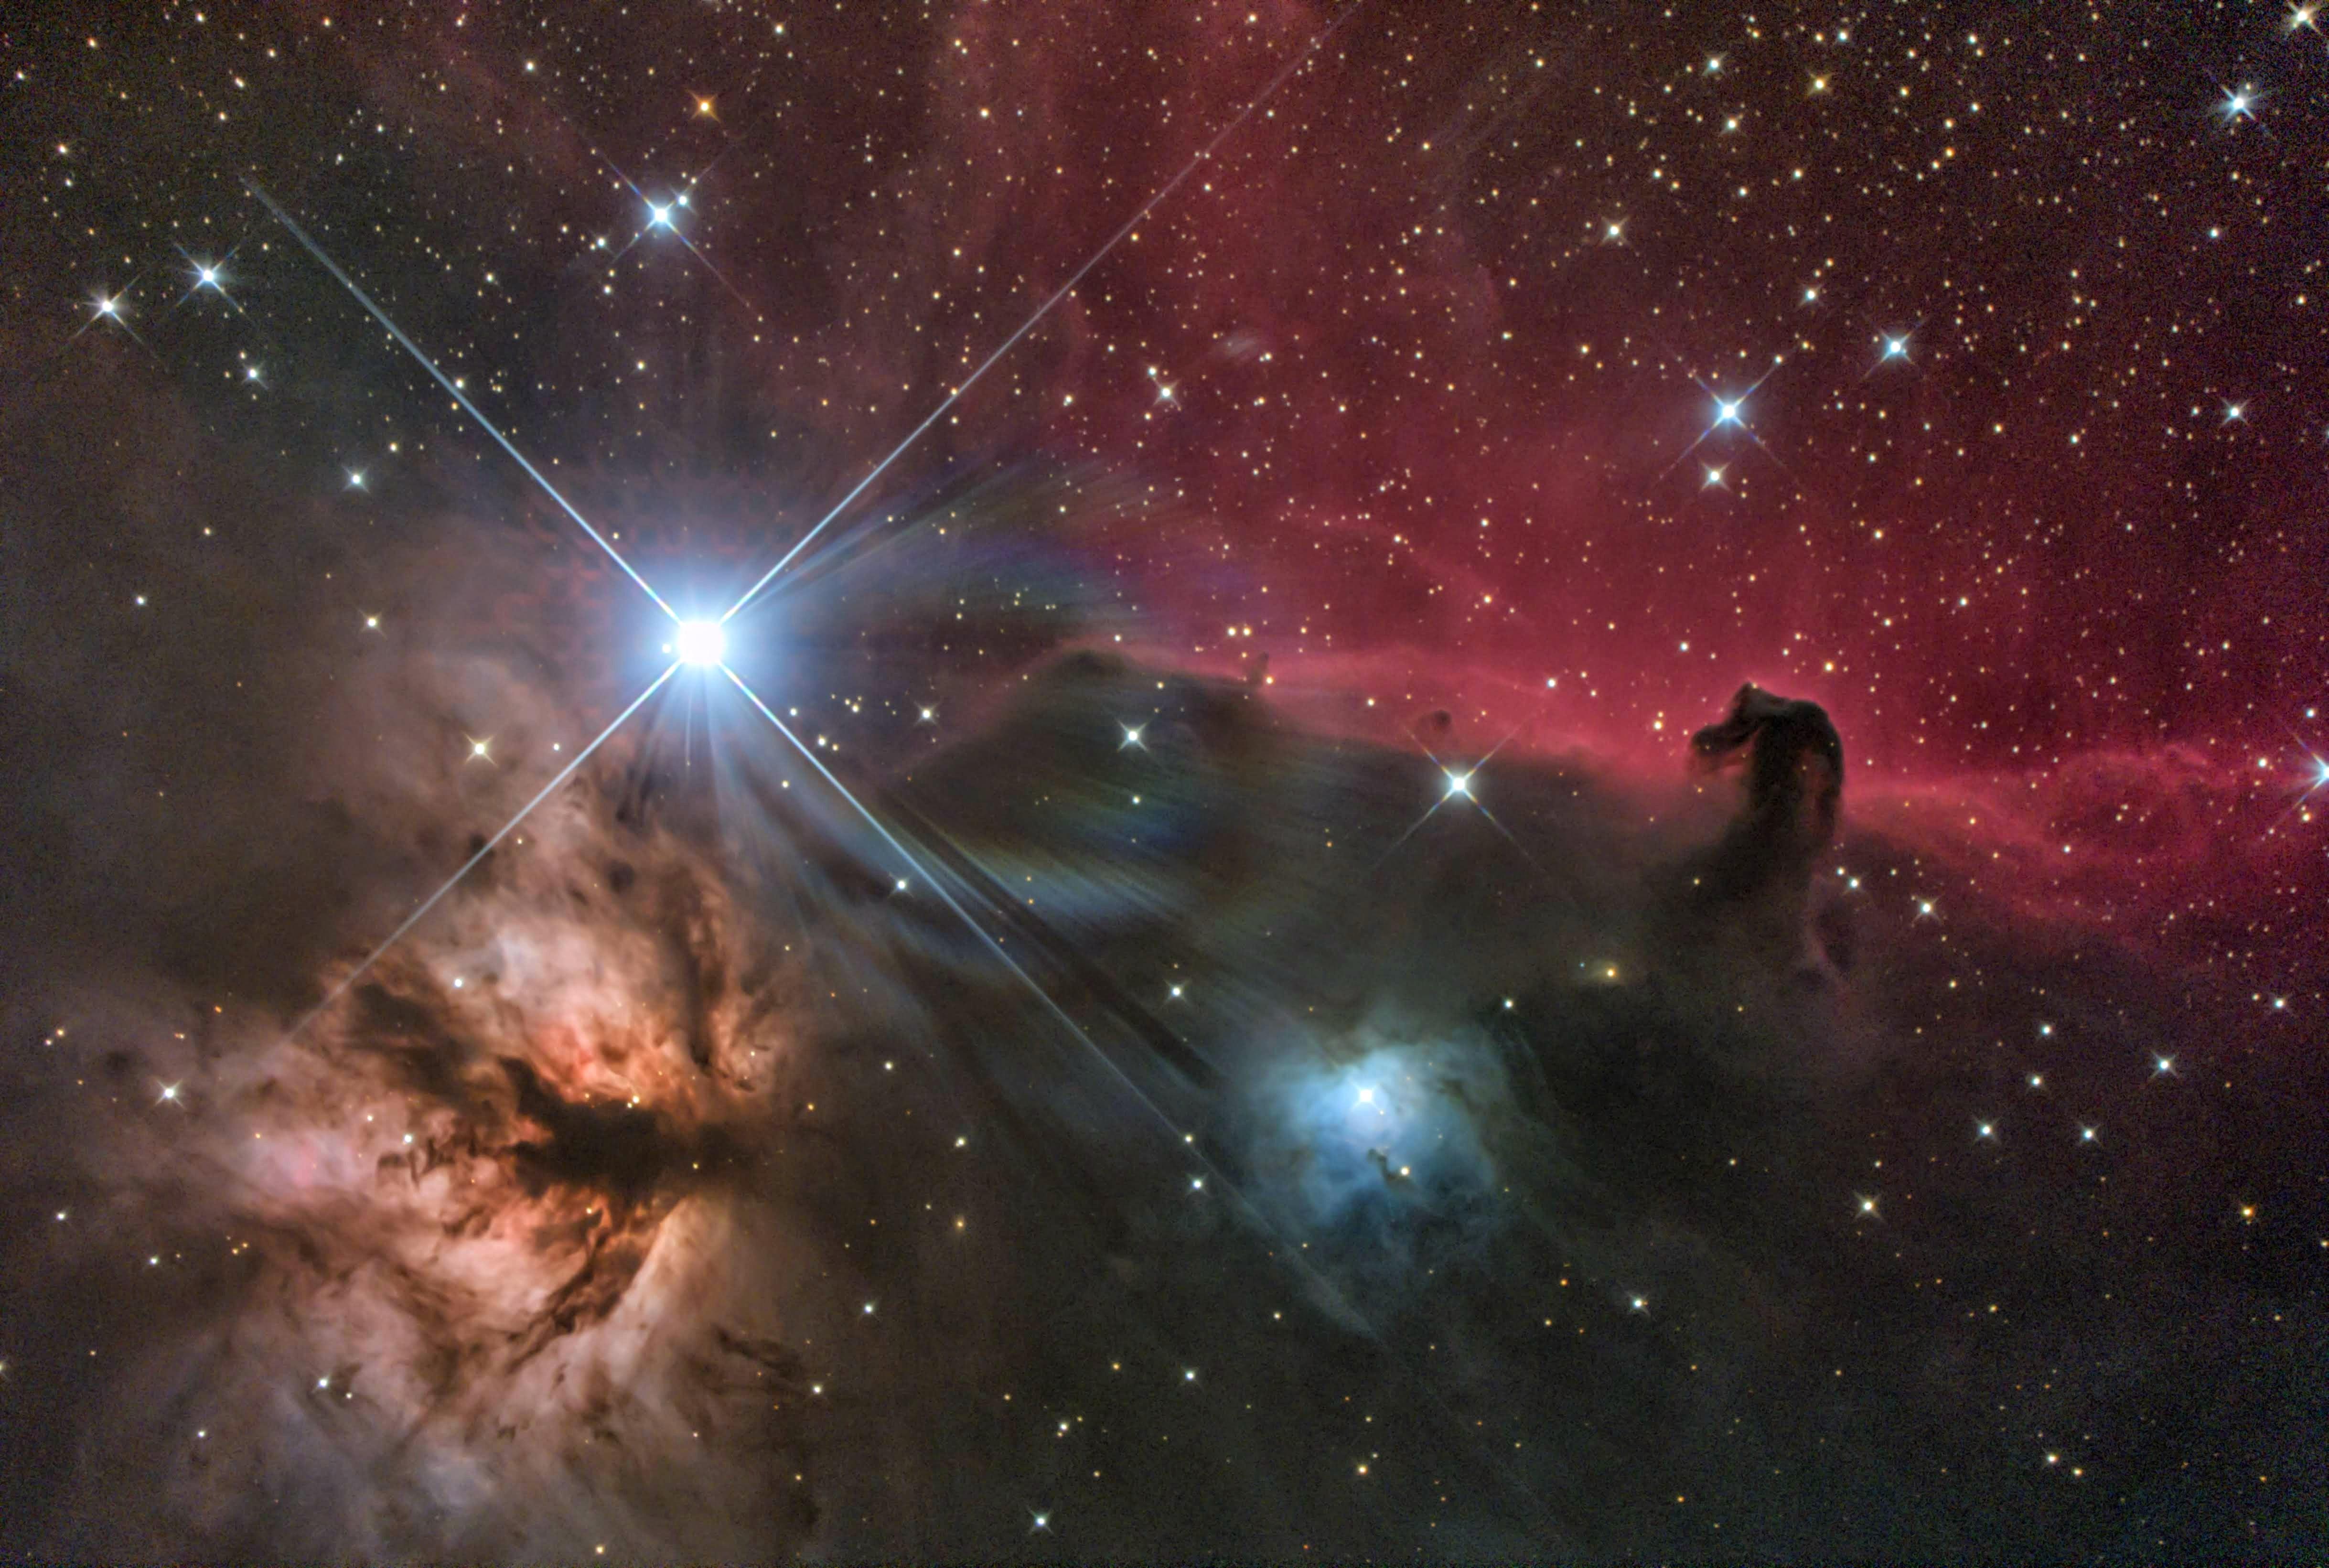 20200201 熊野 馬頭星雲 u-250crs EOS6DN iso3200 300s c14 tDG arc2